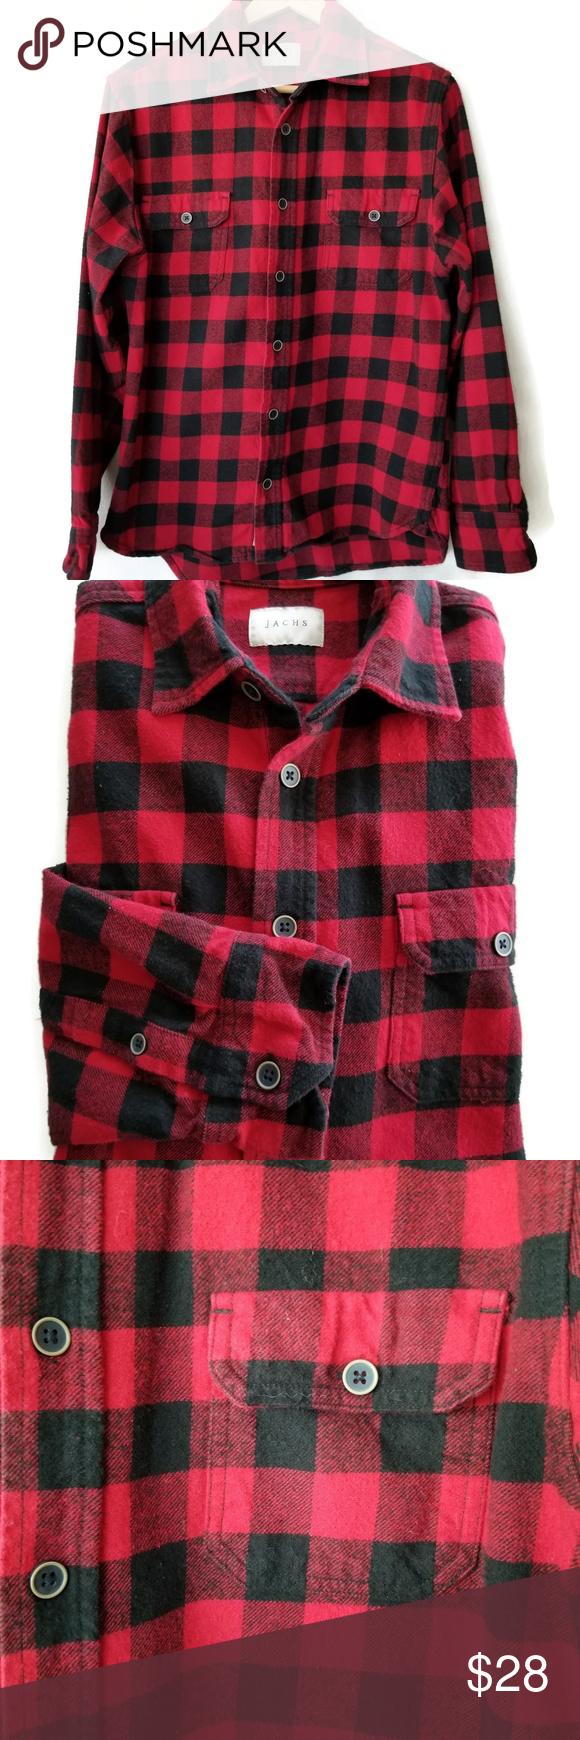 Flannel shirt black  Jachs red black buffalo plaid flannel shirt  My Posh Closet